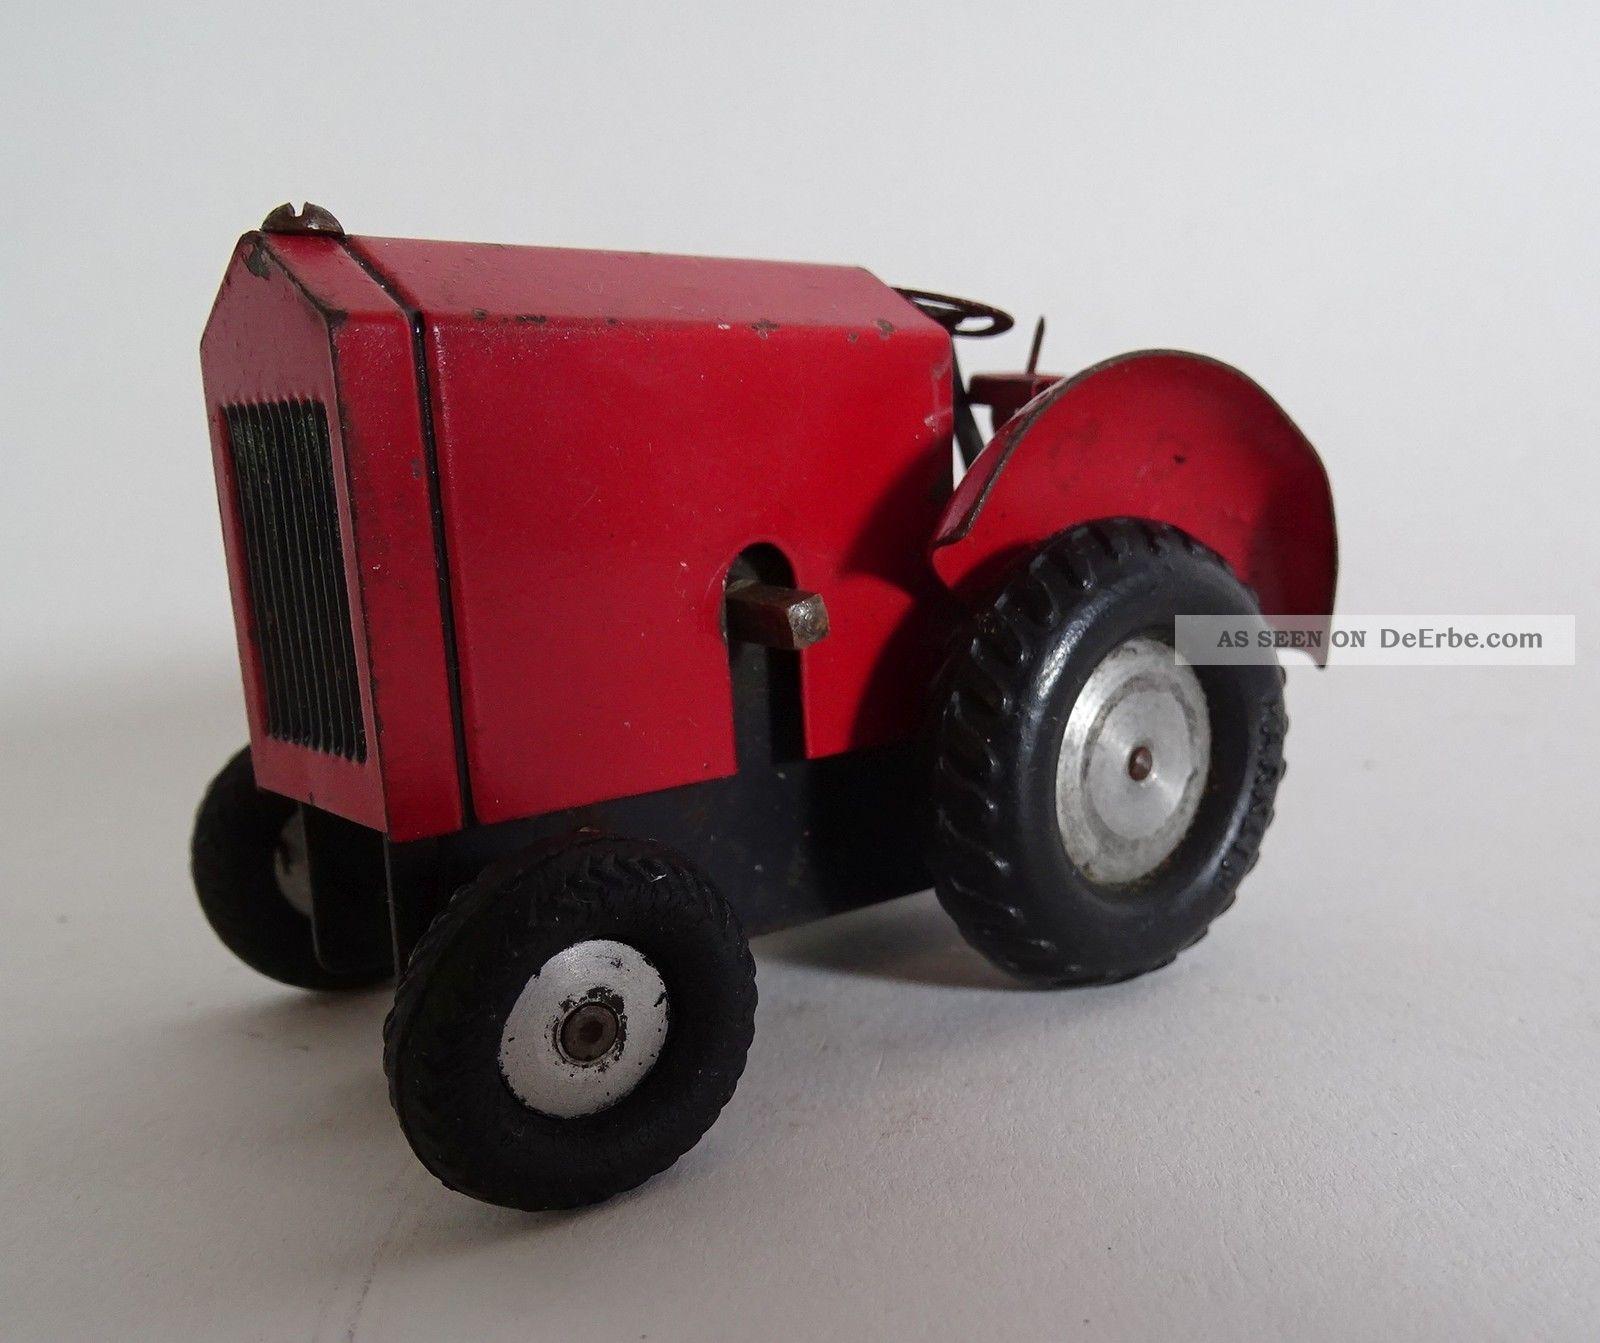 Antiker Blechspielzeug Traktor Trecker Schlepper Mit Uhrwerk Made In Germany Rot Original, gefertigt vor 1945 Bild